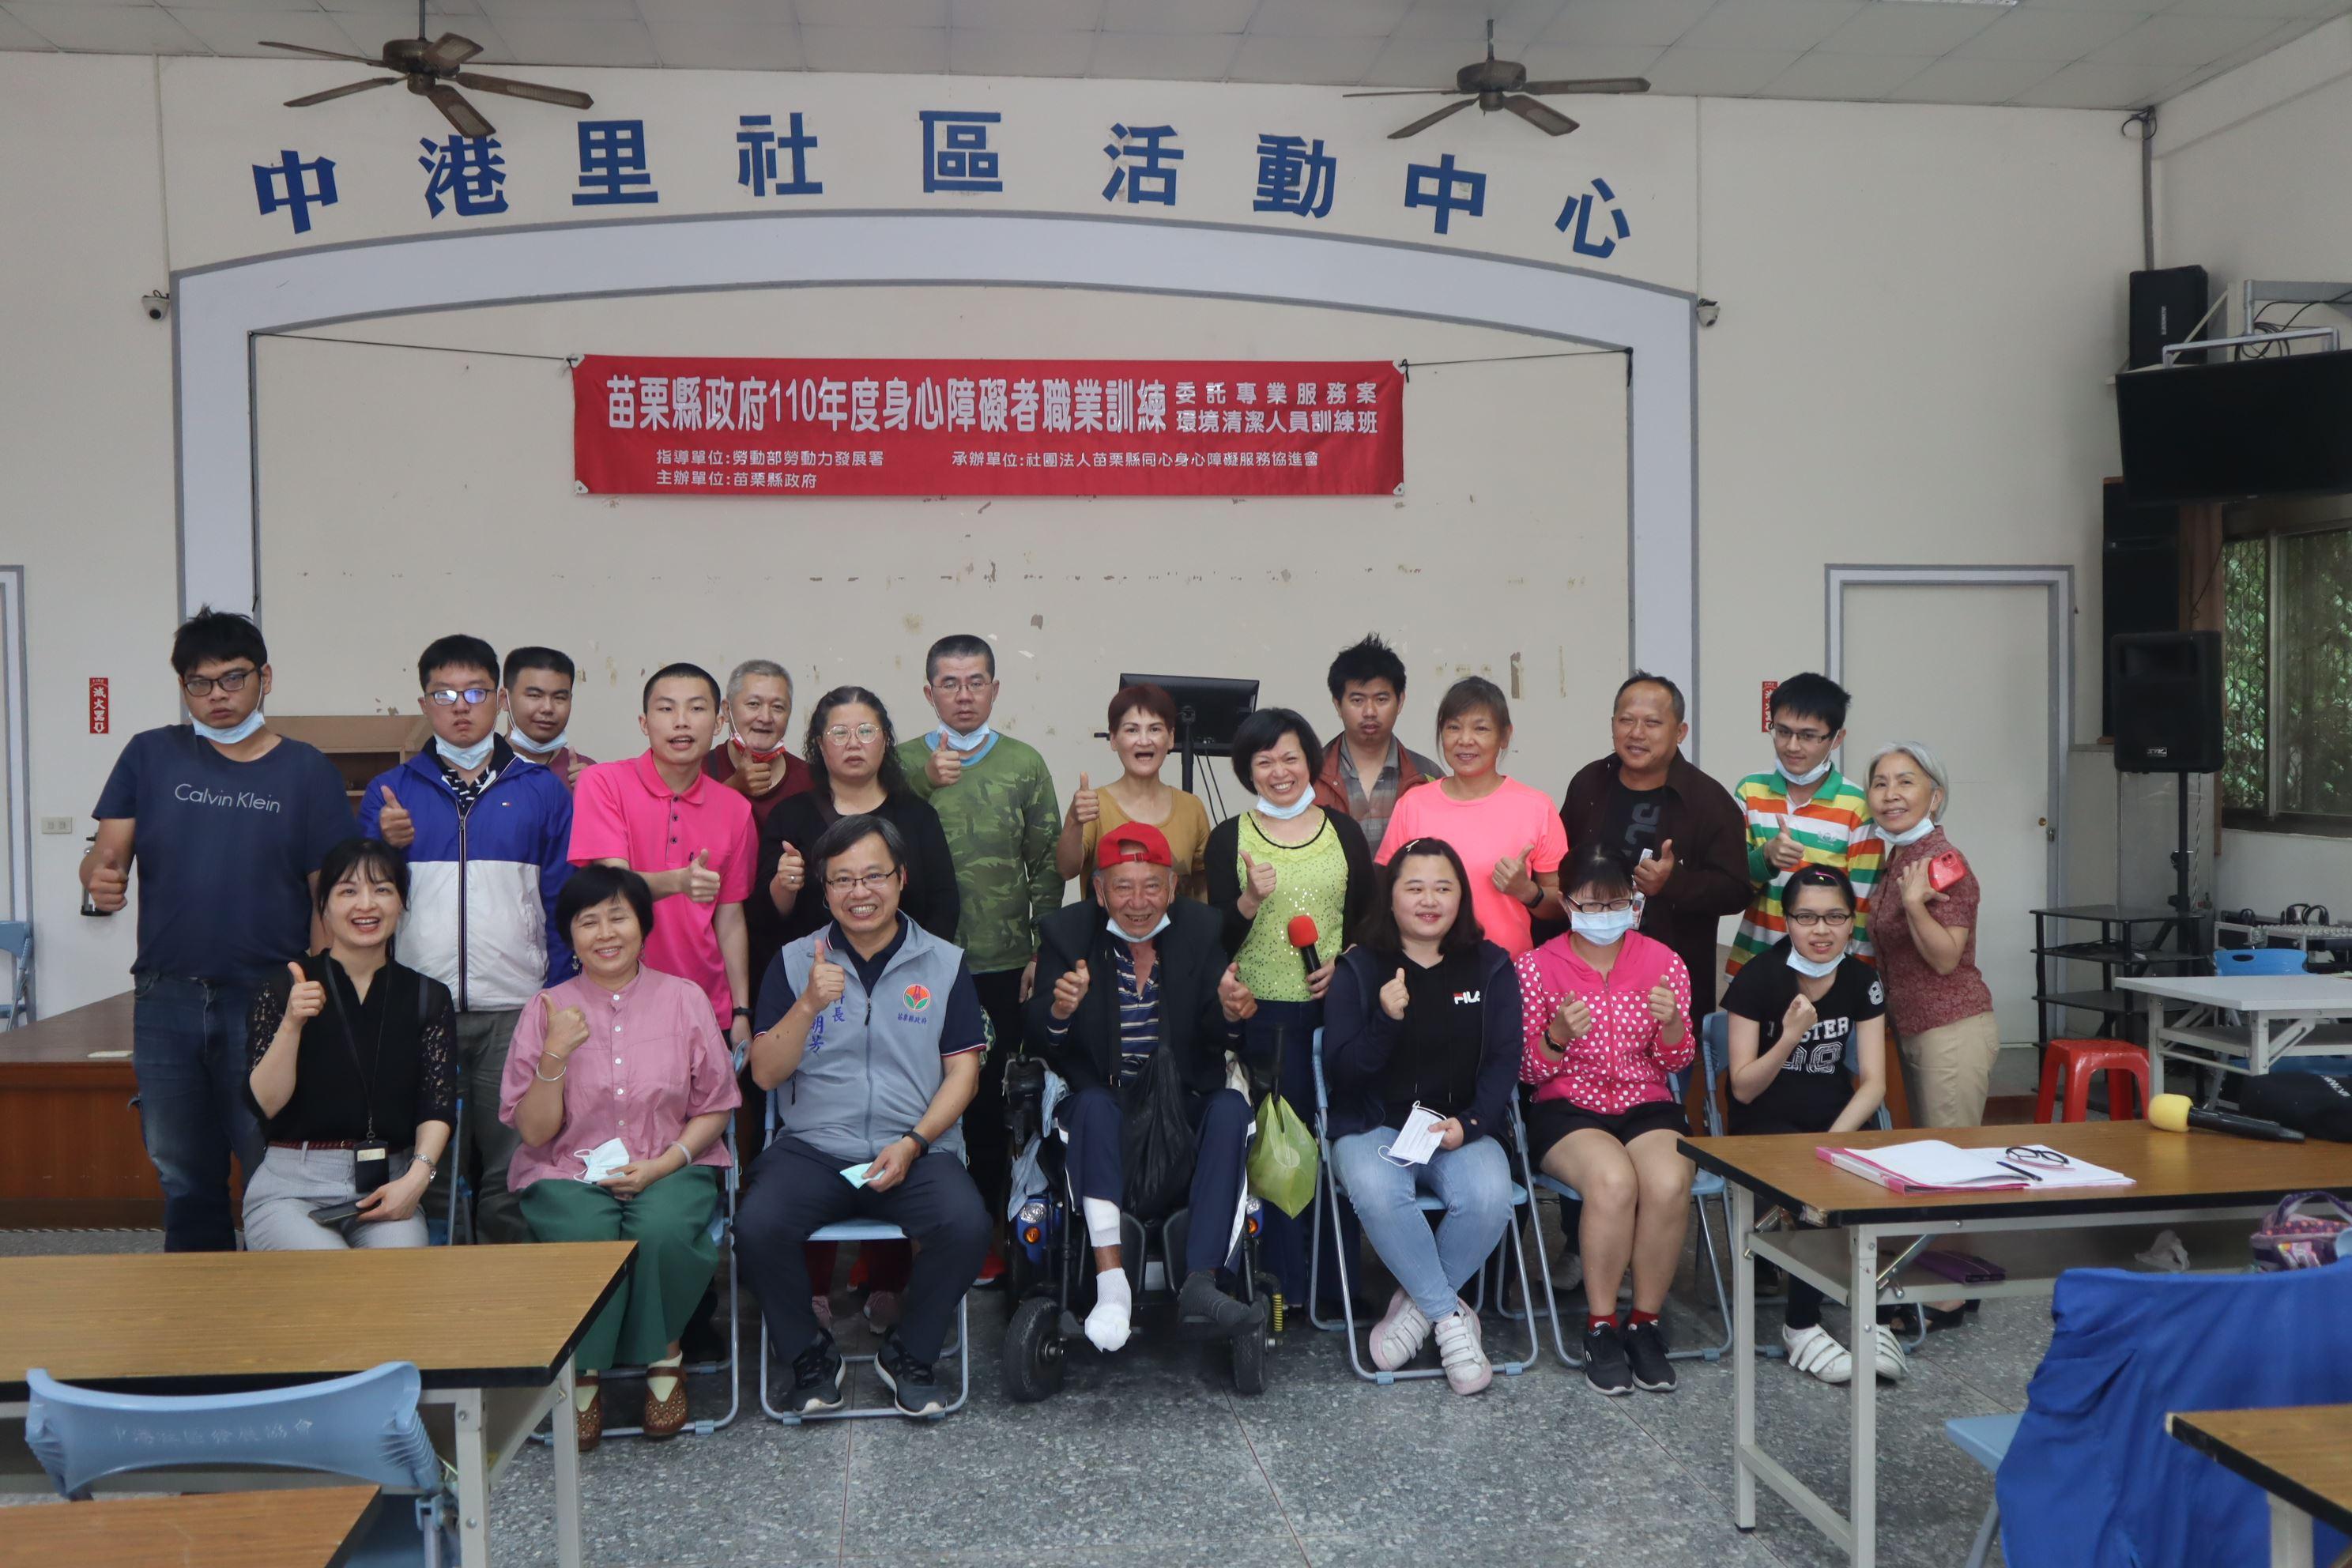 110年身障職訓-清潔班開訓照片1